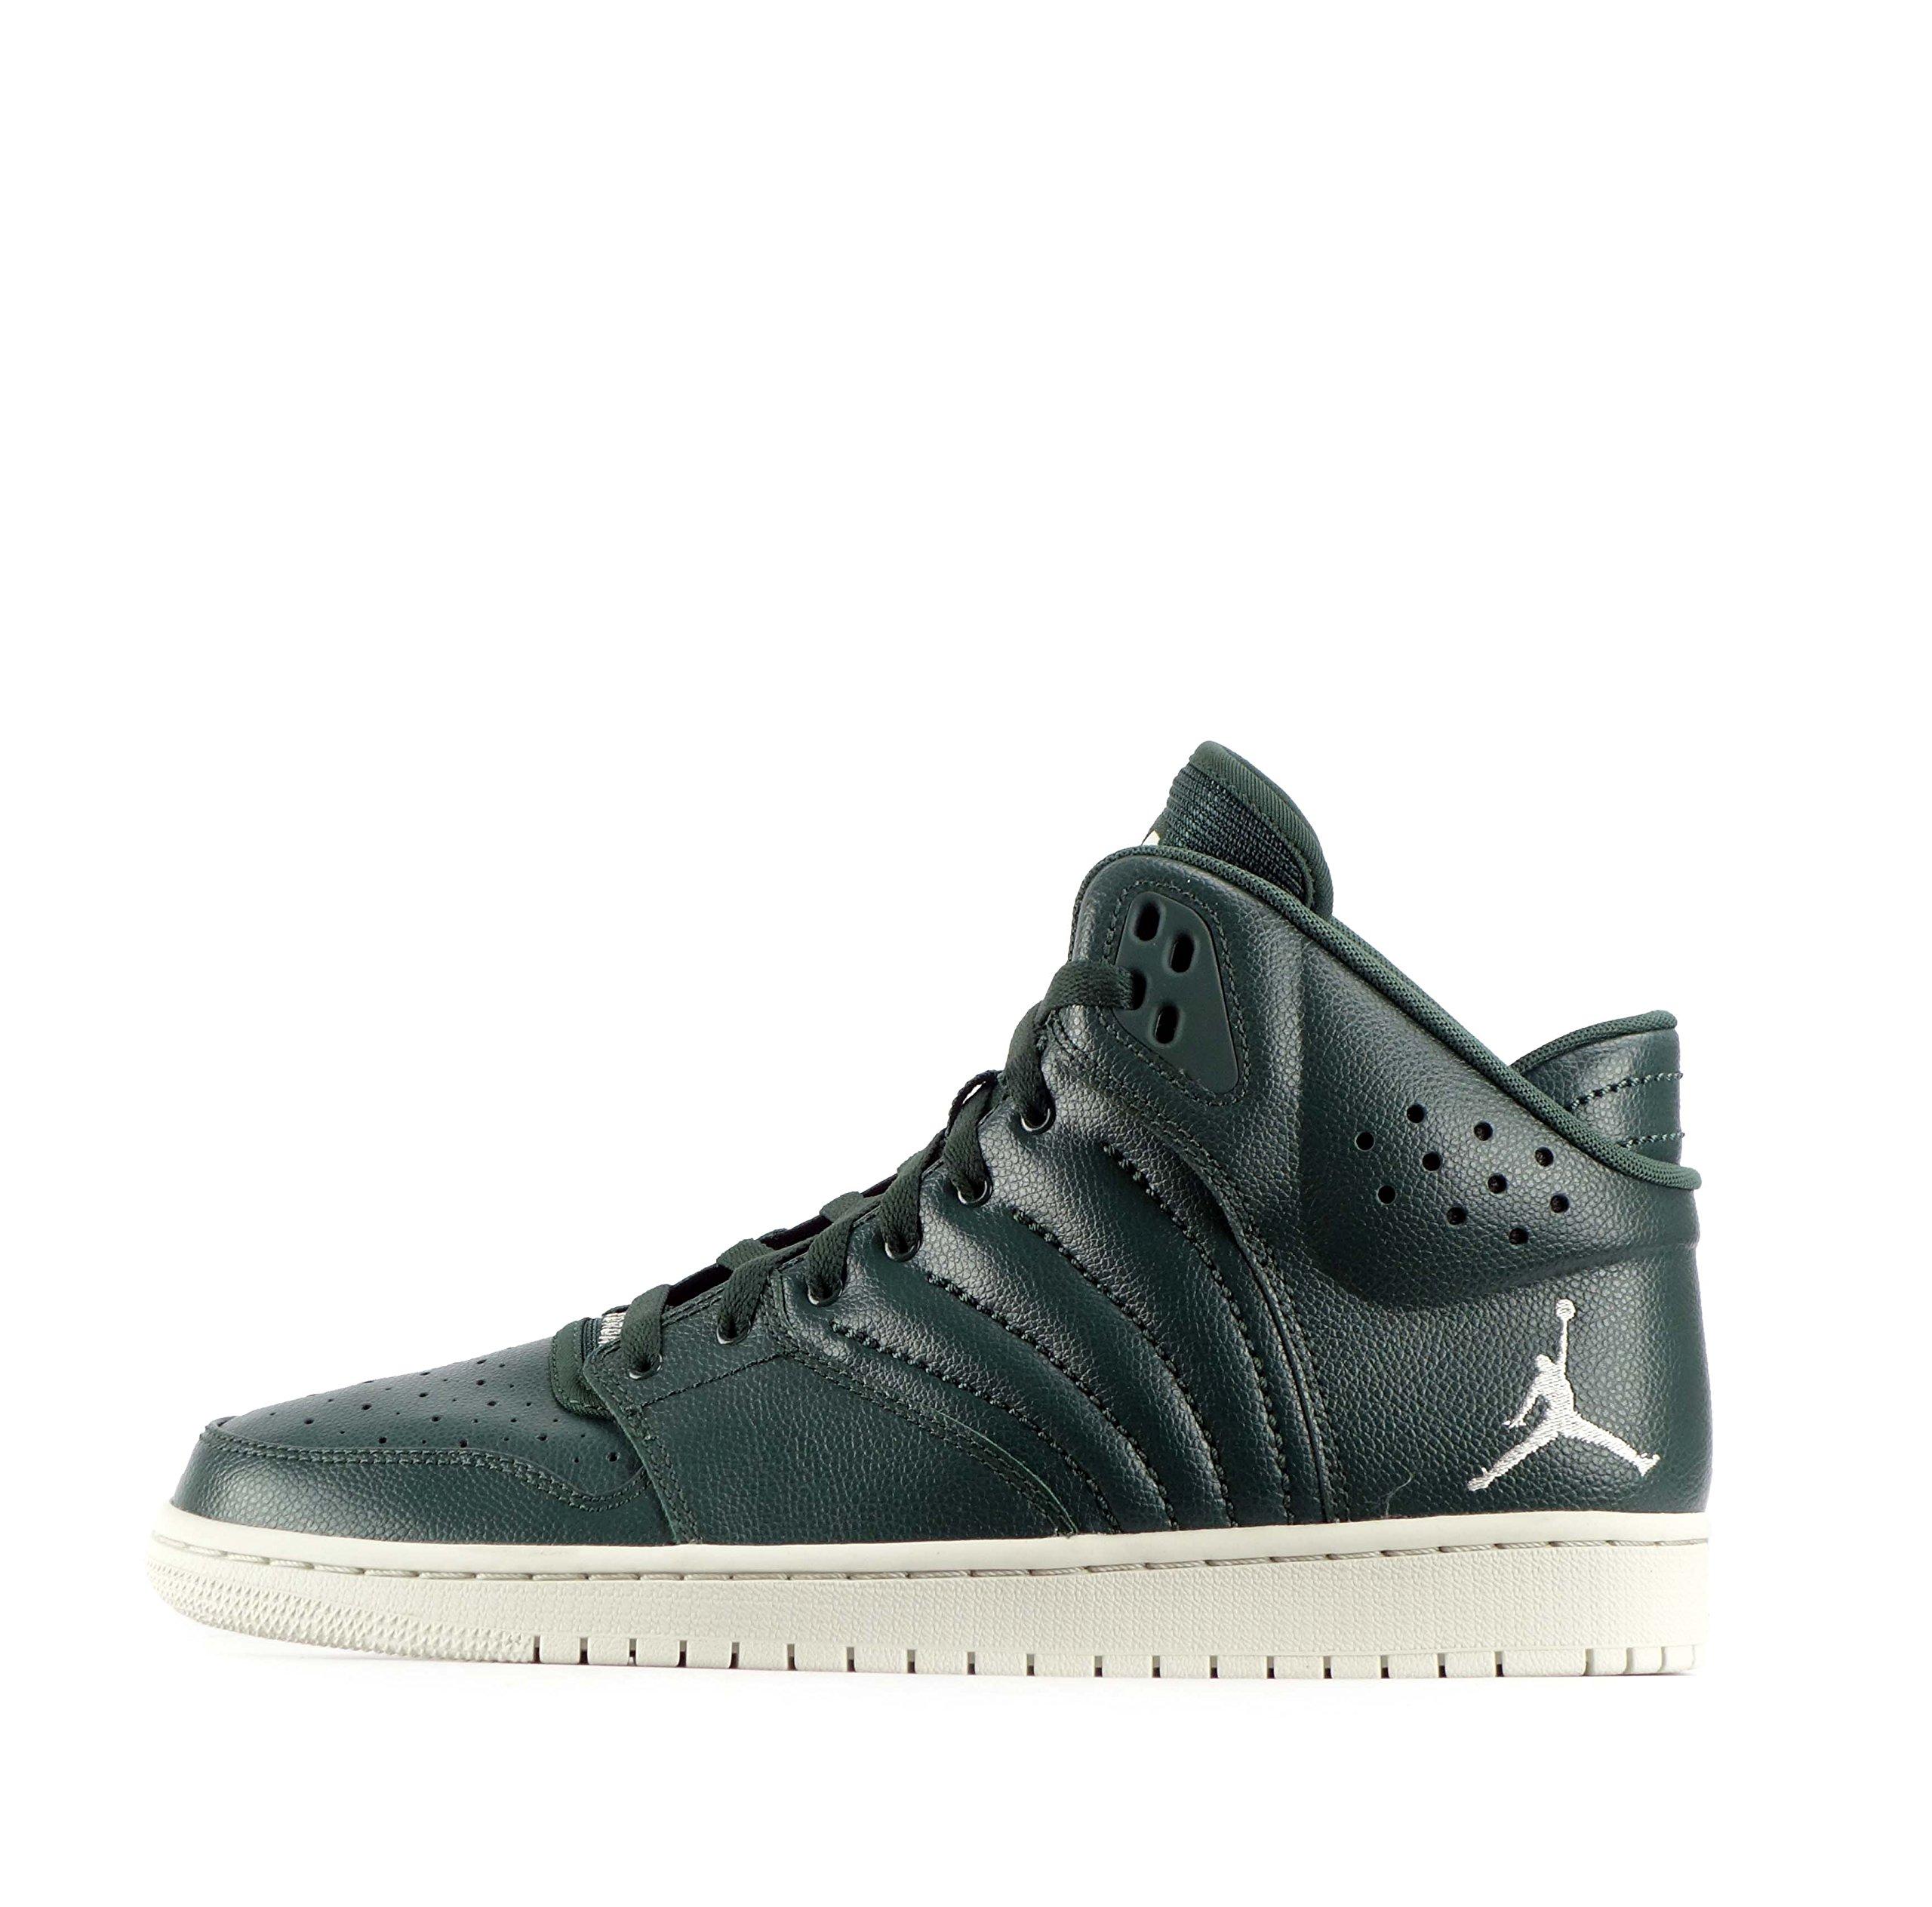 f6c36818d64fc Galleon - Nike Air Jordan 1 Flight 4 Mens Hi Top Basketball Trainers 820135  Sneakers Shoes (US 8.5